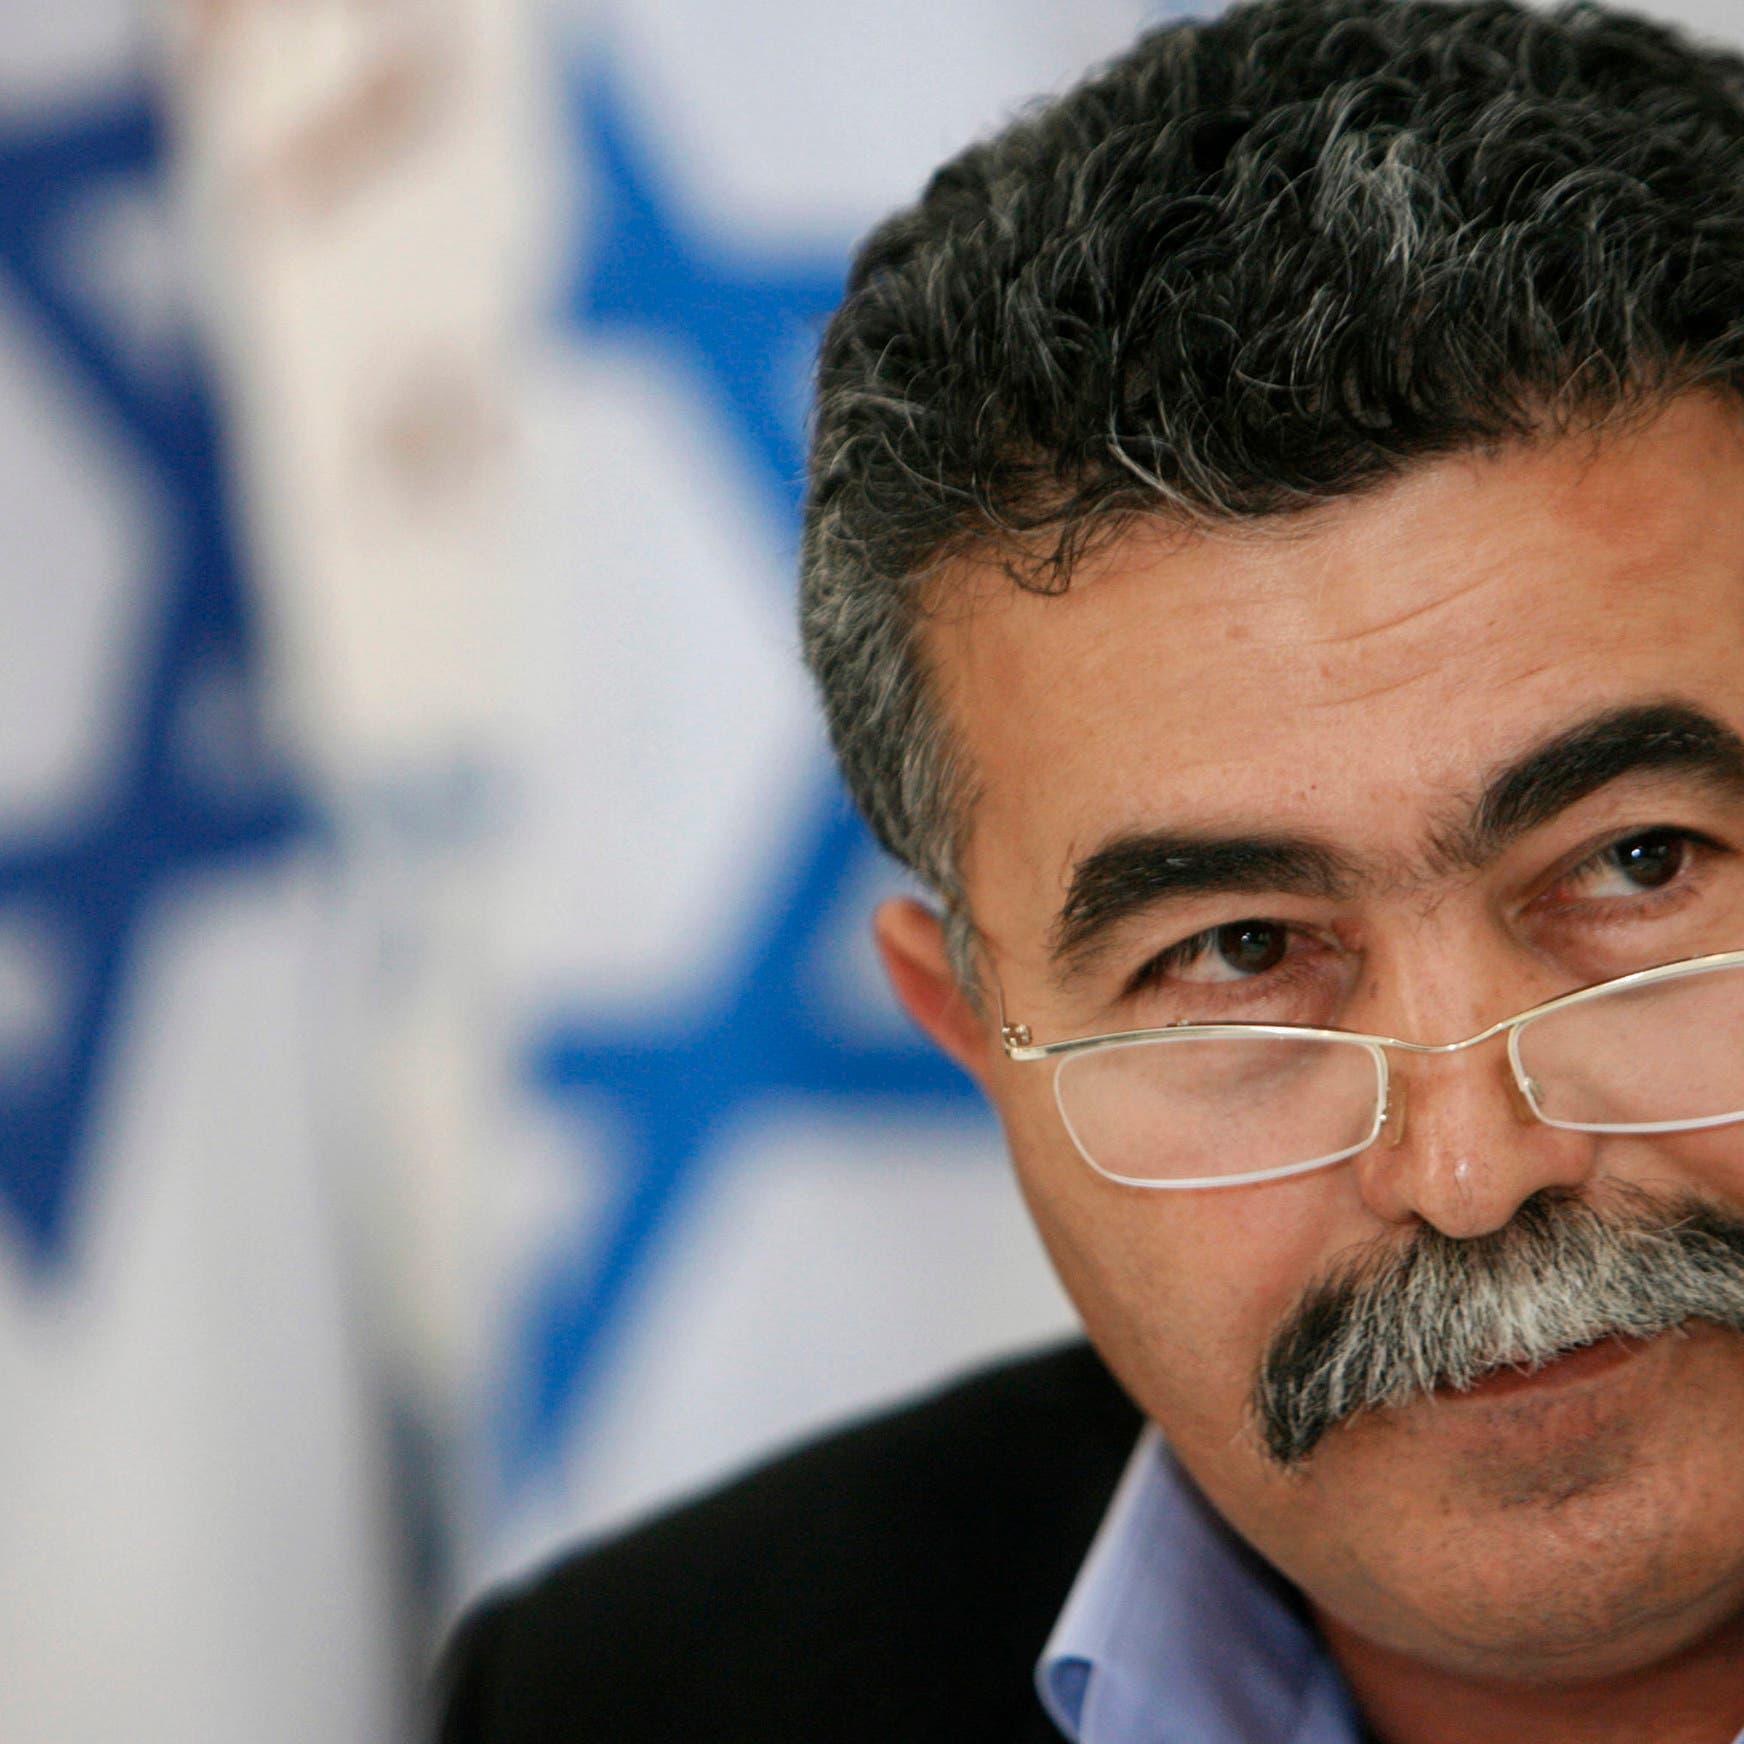 سياسي إسرائيلي لنتنياهو: أموال قطر لا تضمن لنا الهدوء